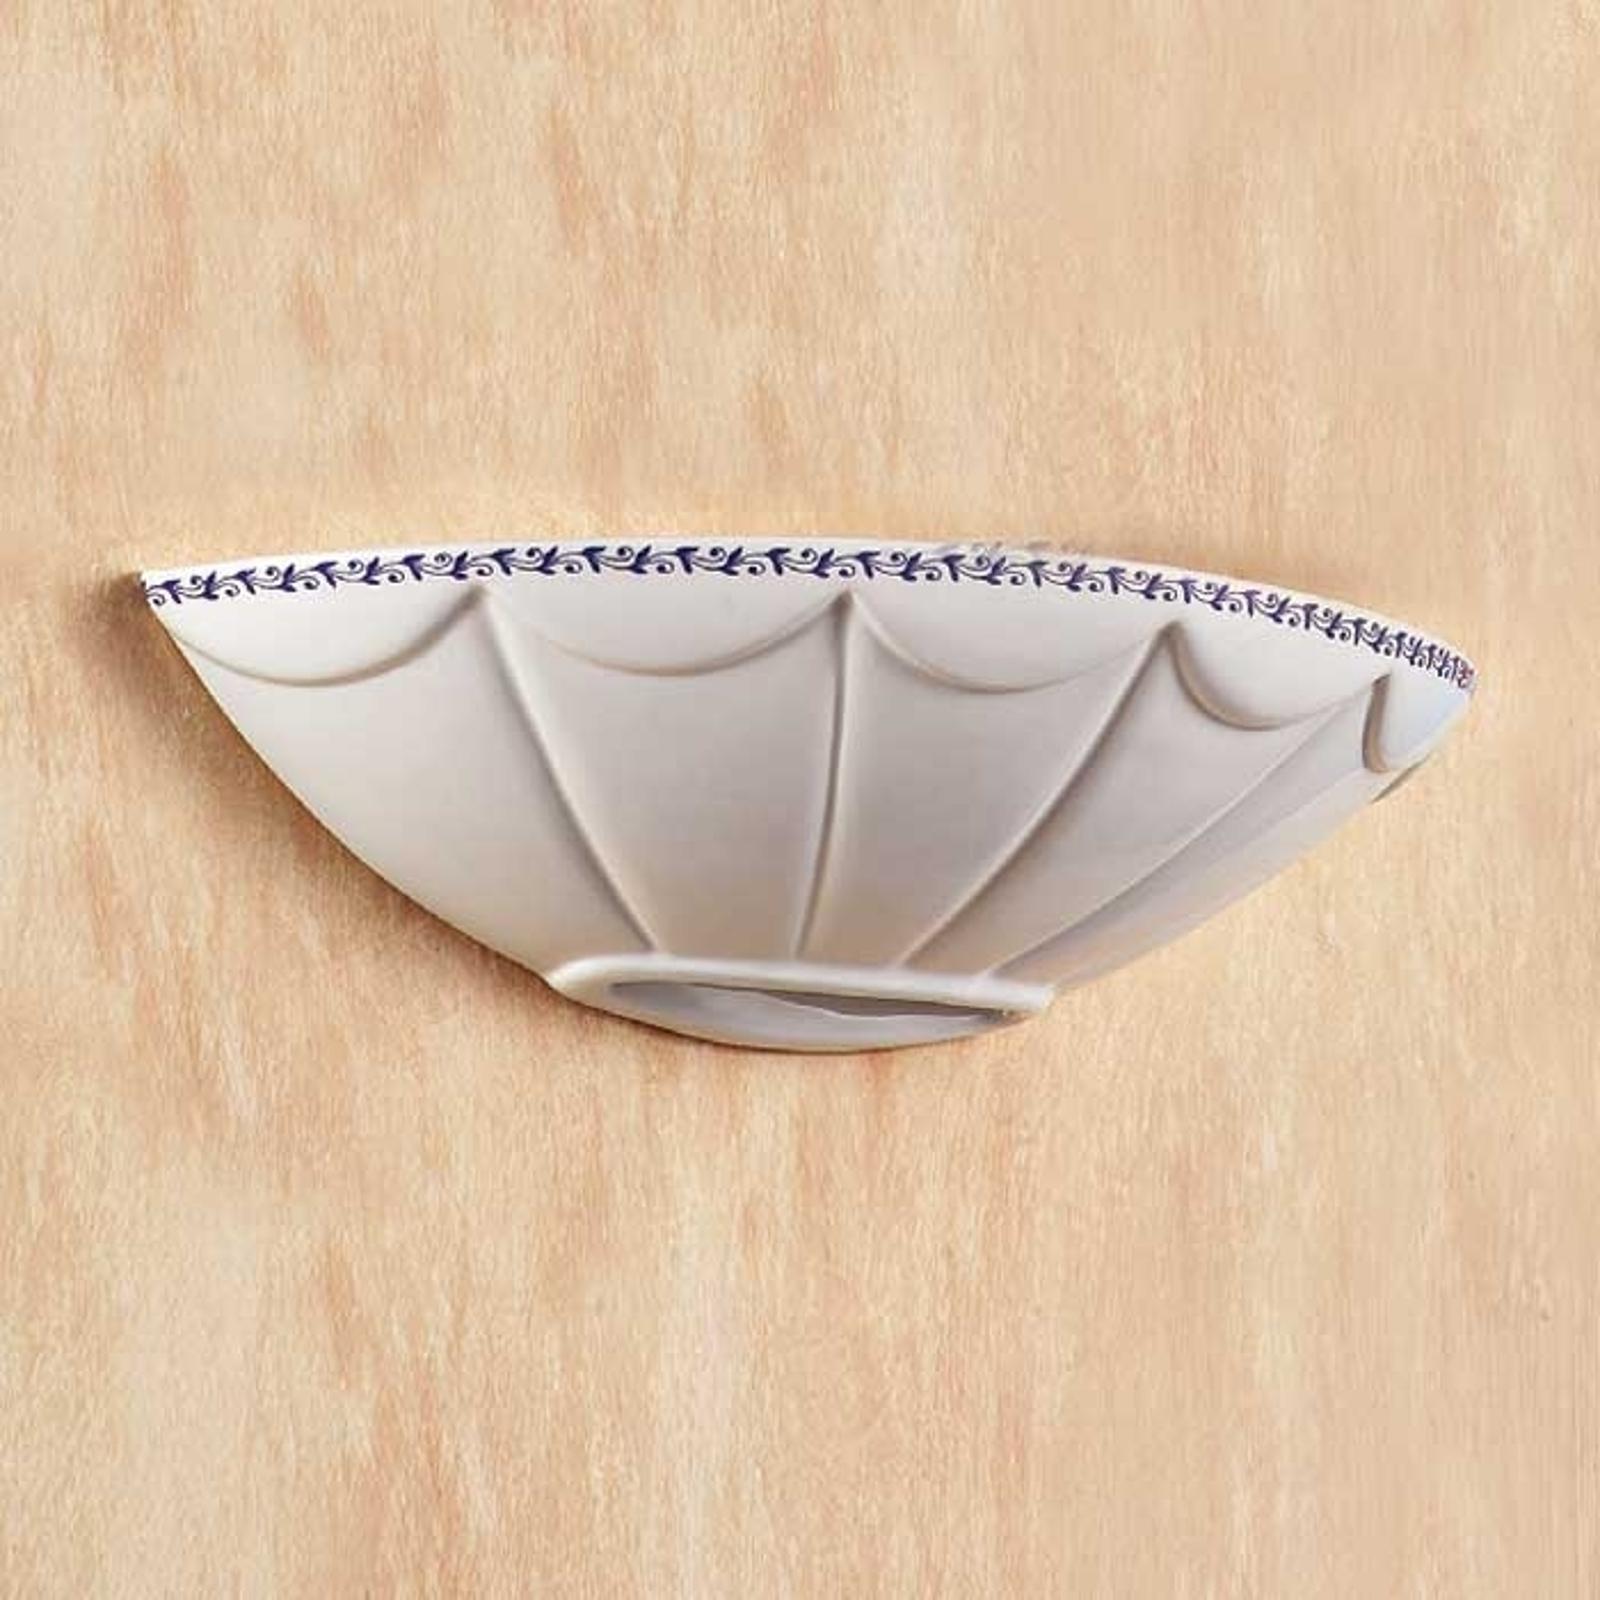 Vägglampa Il Punti med halvbrunt keramiskt skal